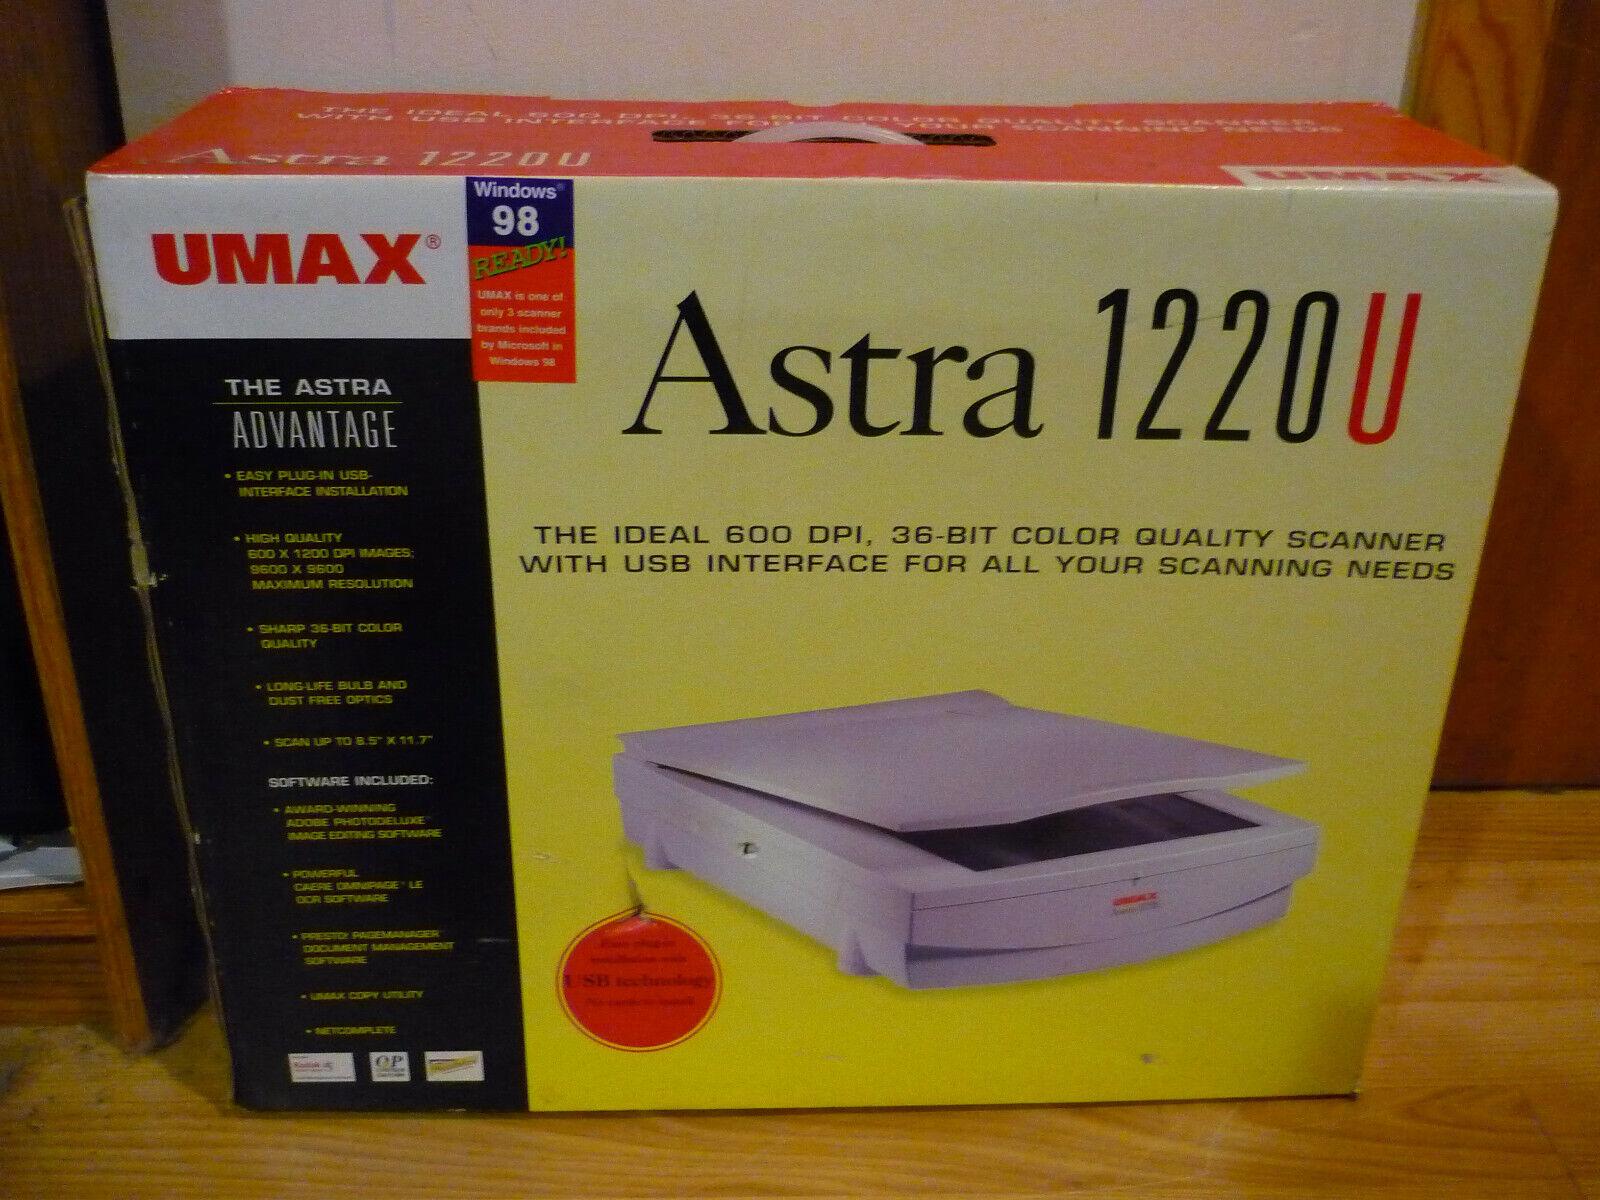 ASTRA 1220U DRIVERS WINDOWS XP